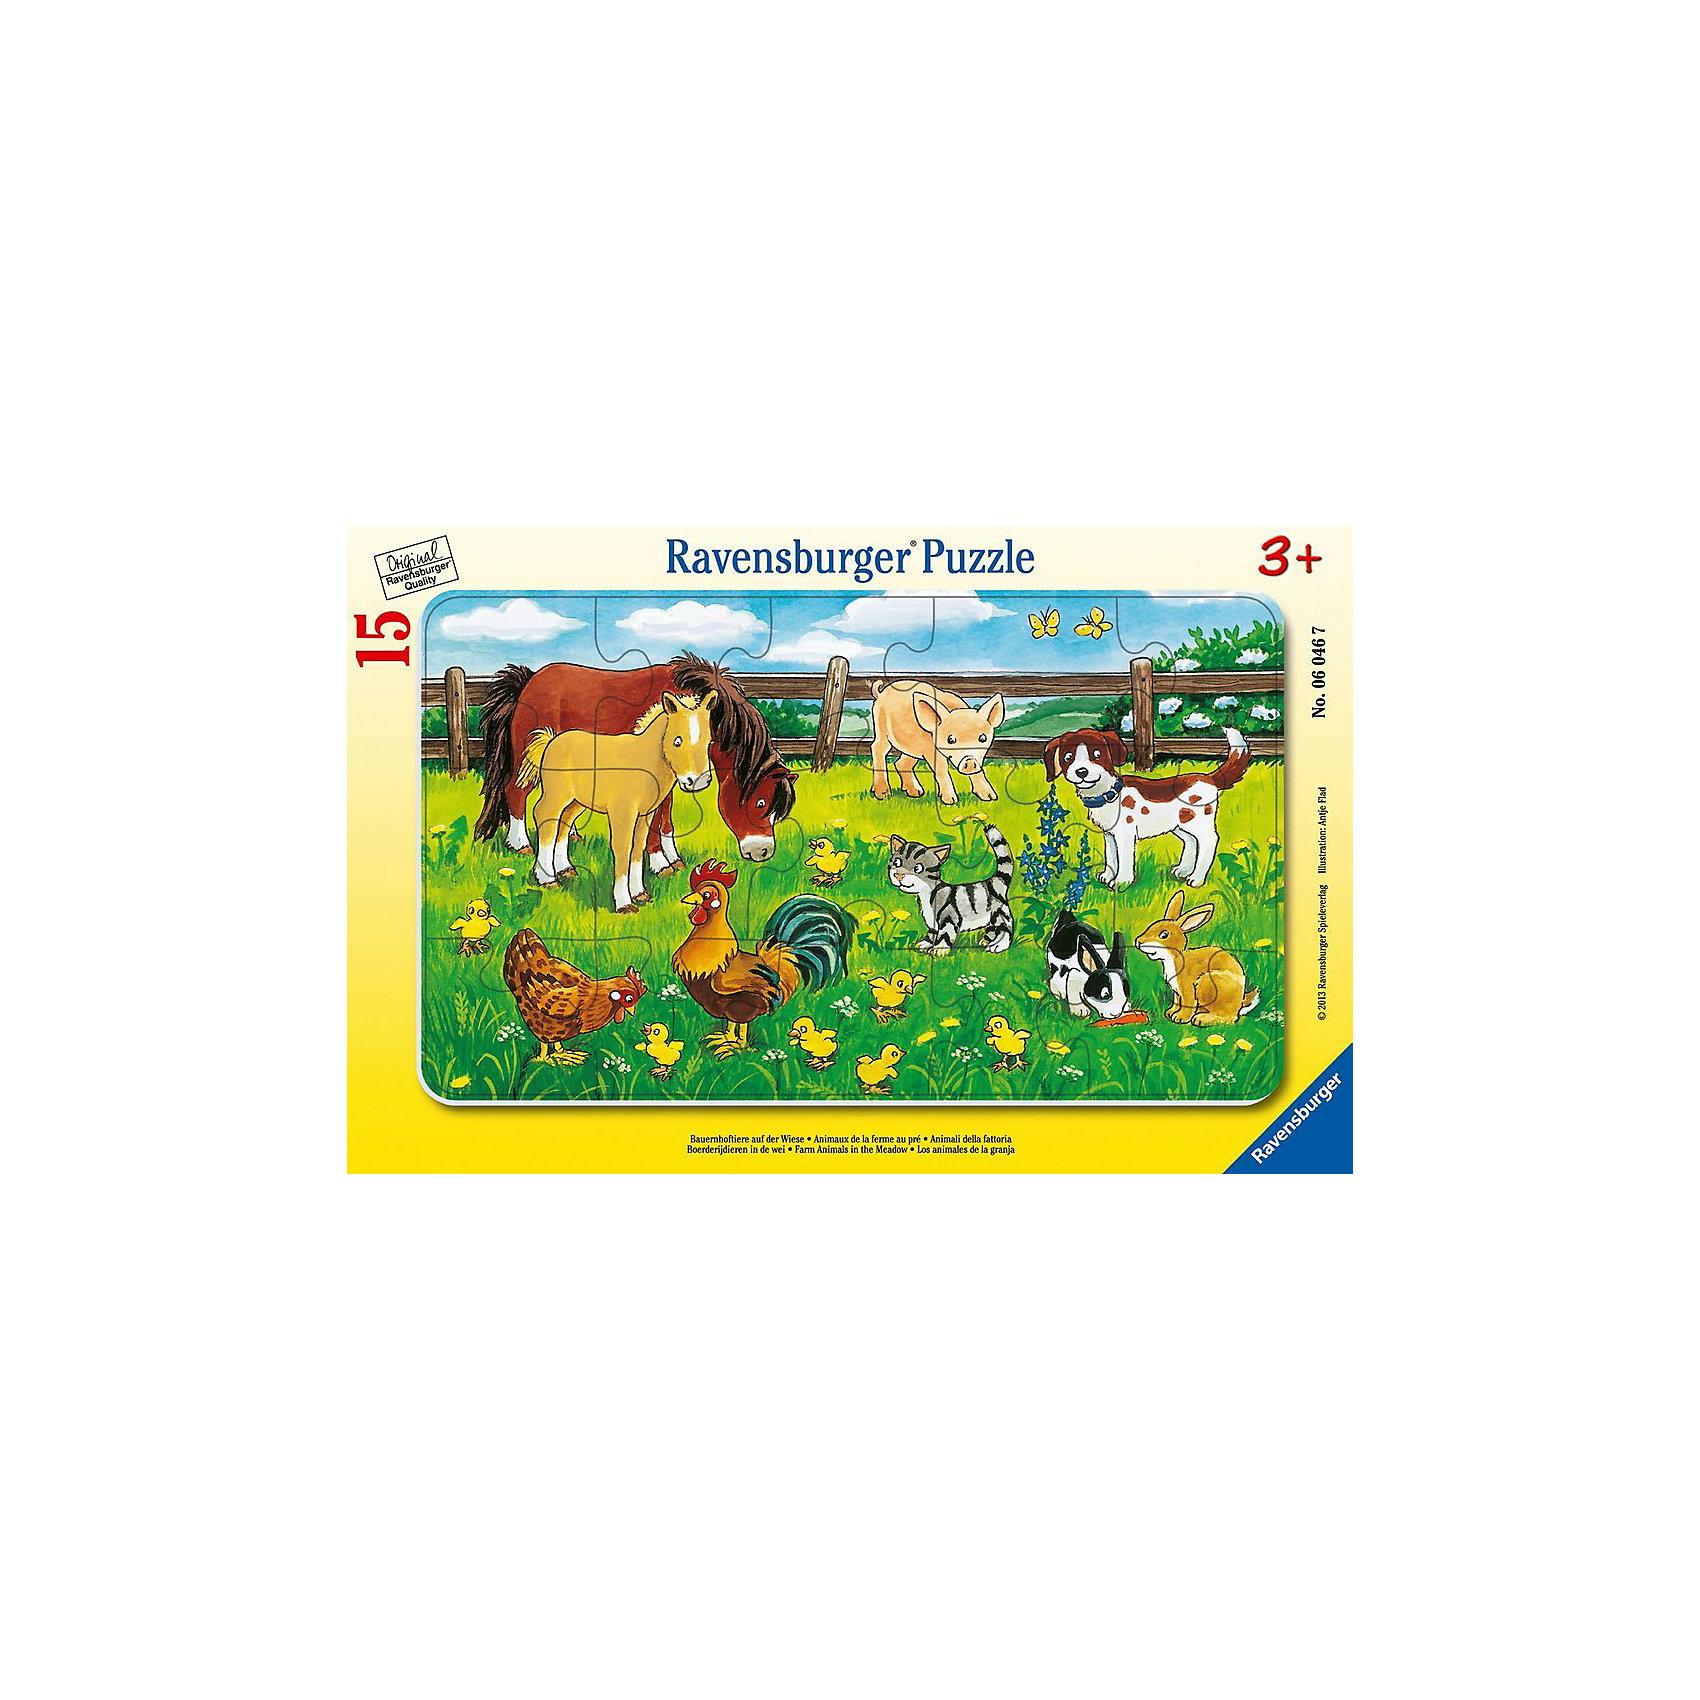 Пазл «Животные на лугу», 15 деталей, RavensburgerПазл «Животные на лугу» состоит  из 15 деталей, которые ребенок с легкостью сможет собрать. На картинке изображены милые животные: лошадки, свинка, собачка и многие другие. Ребёнок научится различать животных, чем расширит свой кругозор. Все детали набора сделаны из очень прочного и качественного картона, который держит форму продолжительное время, не расслаивается и не тускнеет. Сборка пазла отлично развивает воображение ребенка, его логику, образное мышление и поднимает общий уровень интеллекта. Приобрести пазл можно в нашем интернет- магазине.<br> <br>В товар входит:<br>-15 деталей<br><br>Дополнительная информация<br>-Размер картинки – 25*14,5 см <br>-Размер упаковки – 29,5*19 см<br>-Возраст: от 3 лет<br>-Для мальчиков и девочек<br>-Состав: картон<br>-Бренд: Ravensburger (Равенсбургер)<br>-Страна обладатель бренда: Германия<br><br>Ширина мм: 297<br>Глубина мм: 192<br>Высота мм: 7<br>Вес г: 157<br>Возраст от месяцев: 36<br>Возраст до месяцев: 60<br>Пол: Унисекс<br>Возраст: Детский<br>Количество деталей: 15<br>SKU: 2886868